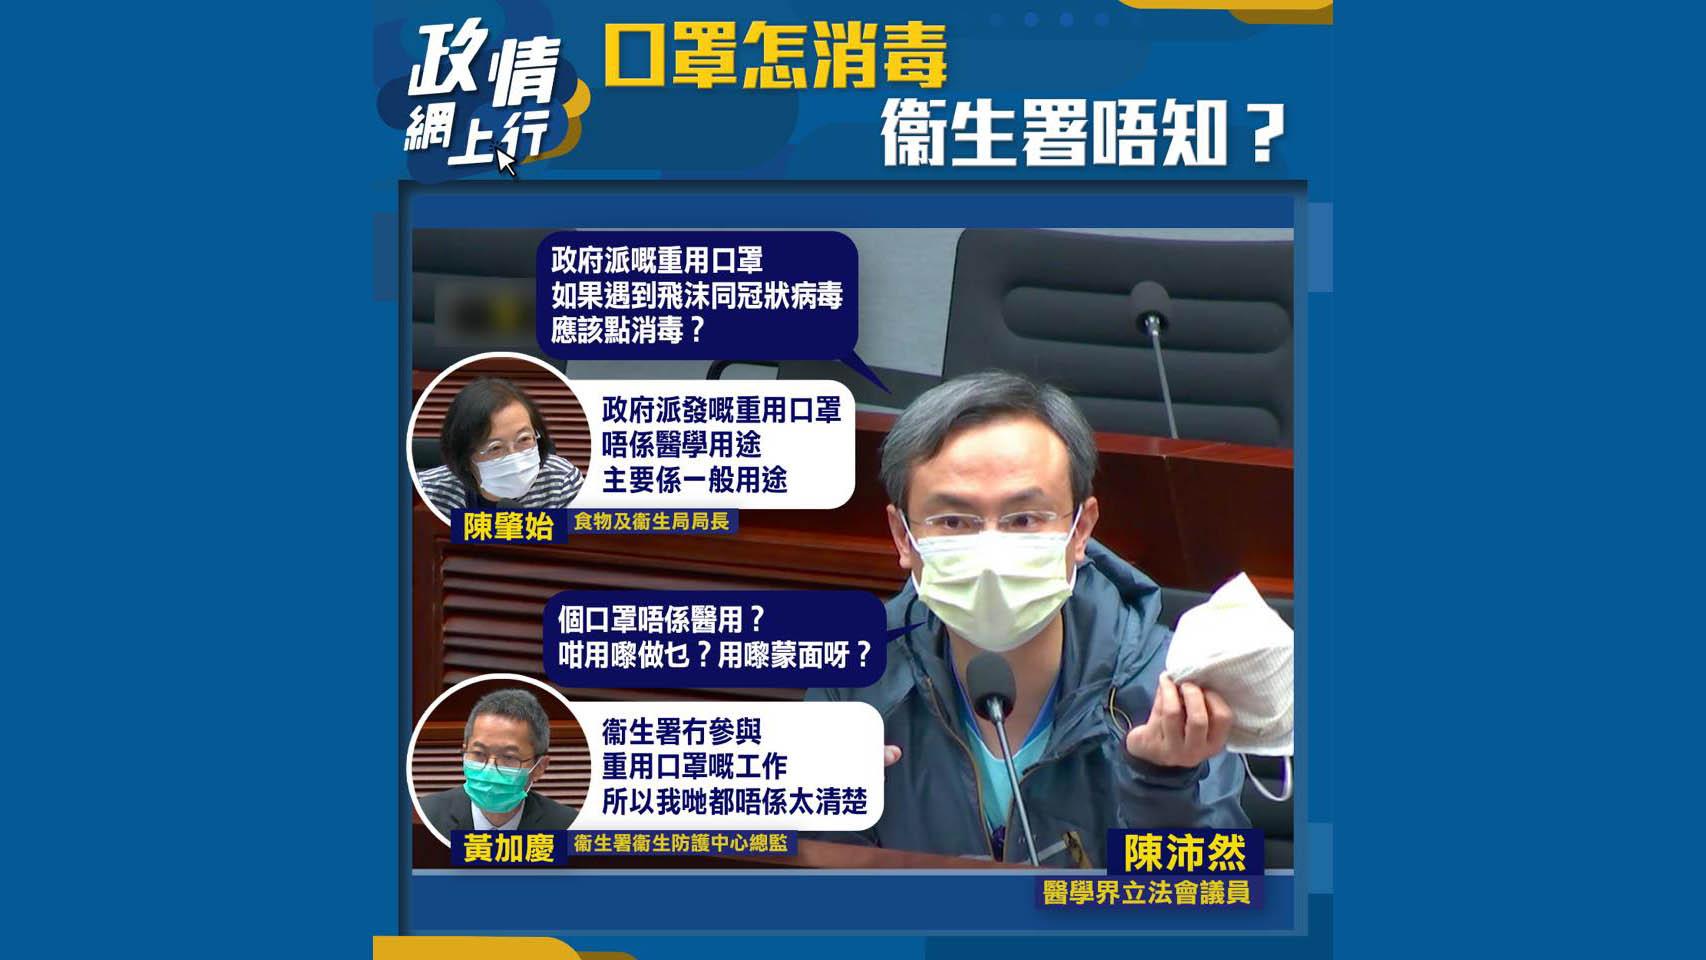 【政情網上行】口罩怎消毒 衞生署唔知?